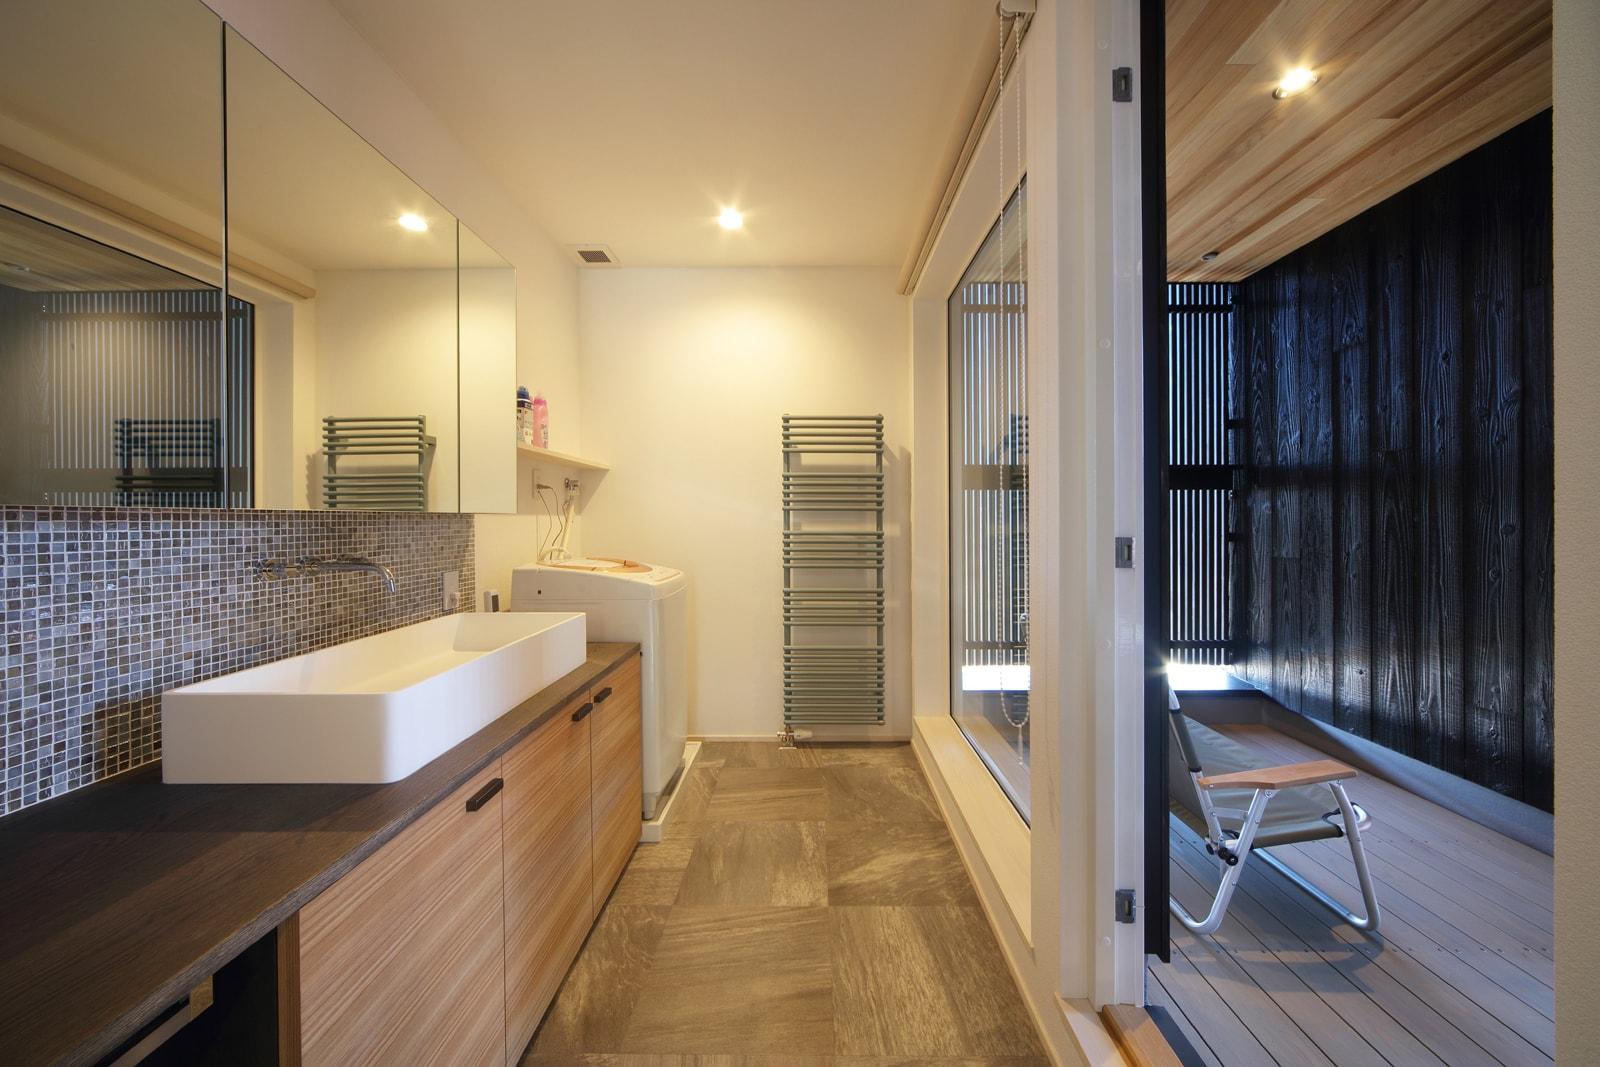 ユーティリティの窓際に、モスグリーンの温水パネルヒーターで柔らかいアクセントを。タオルをかけられるハシゴ型デザインのもので機能性も確保した